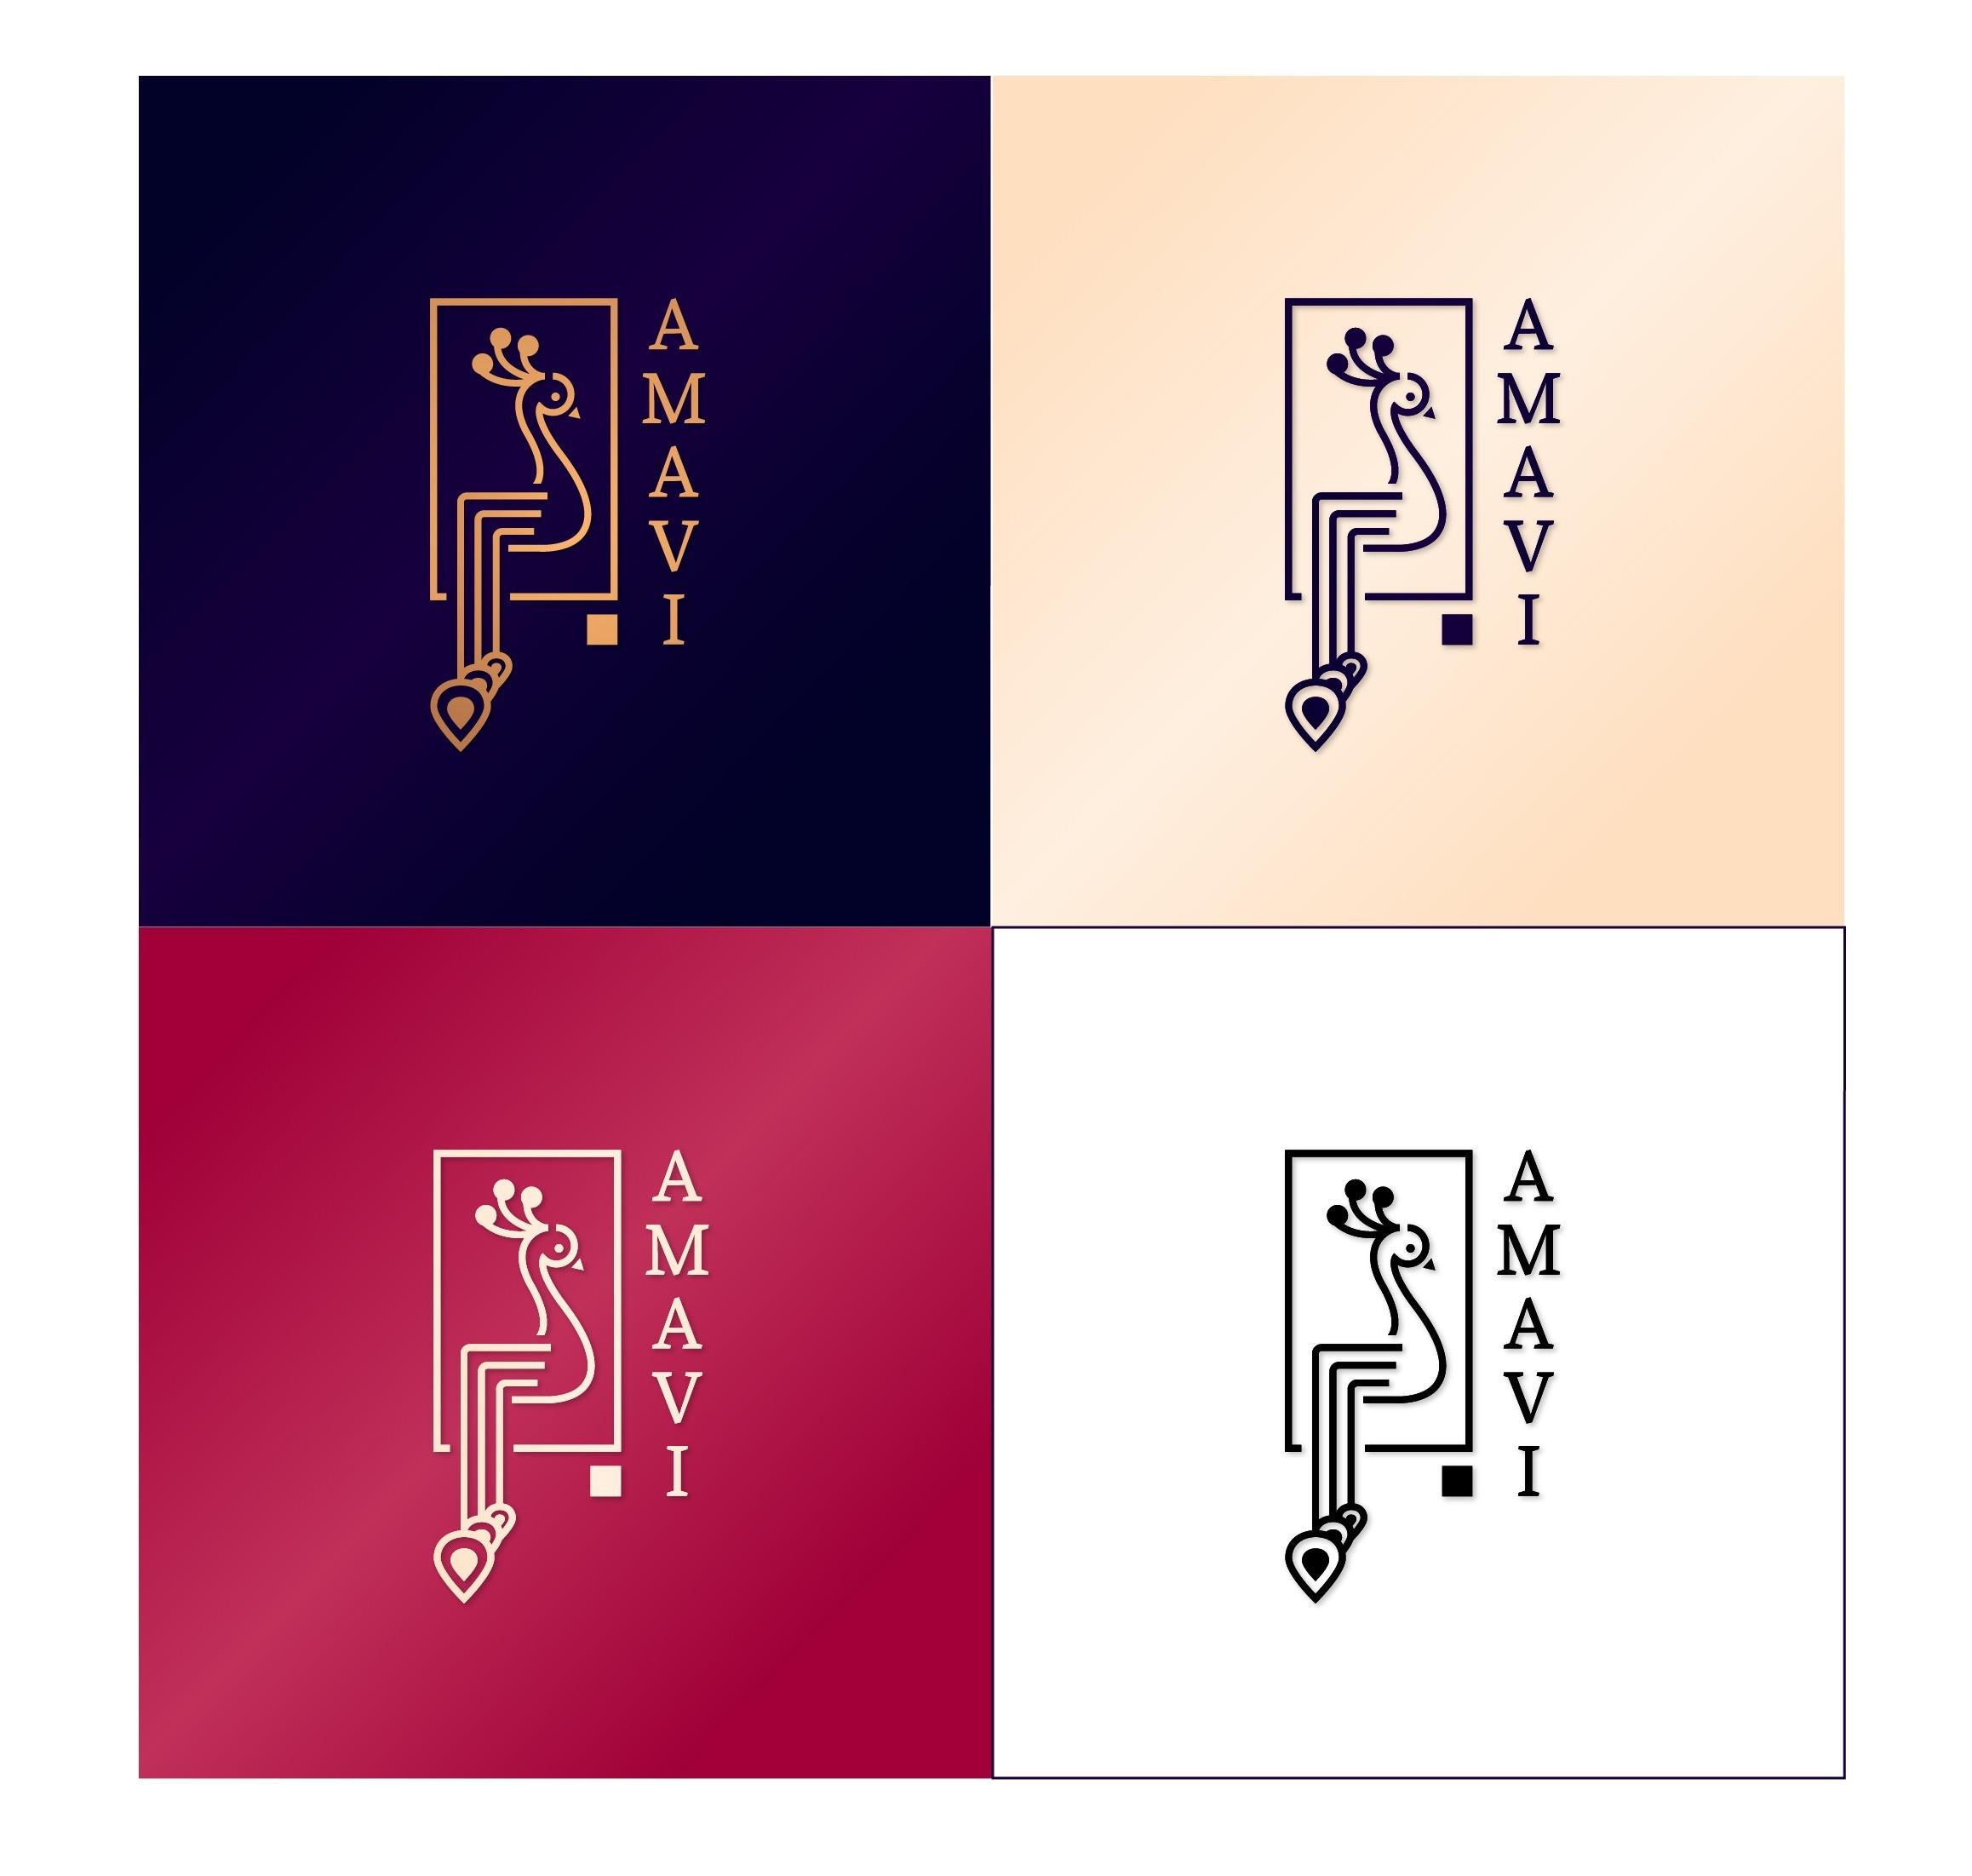 Amavia-logo-v1-4-up0